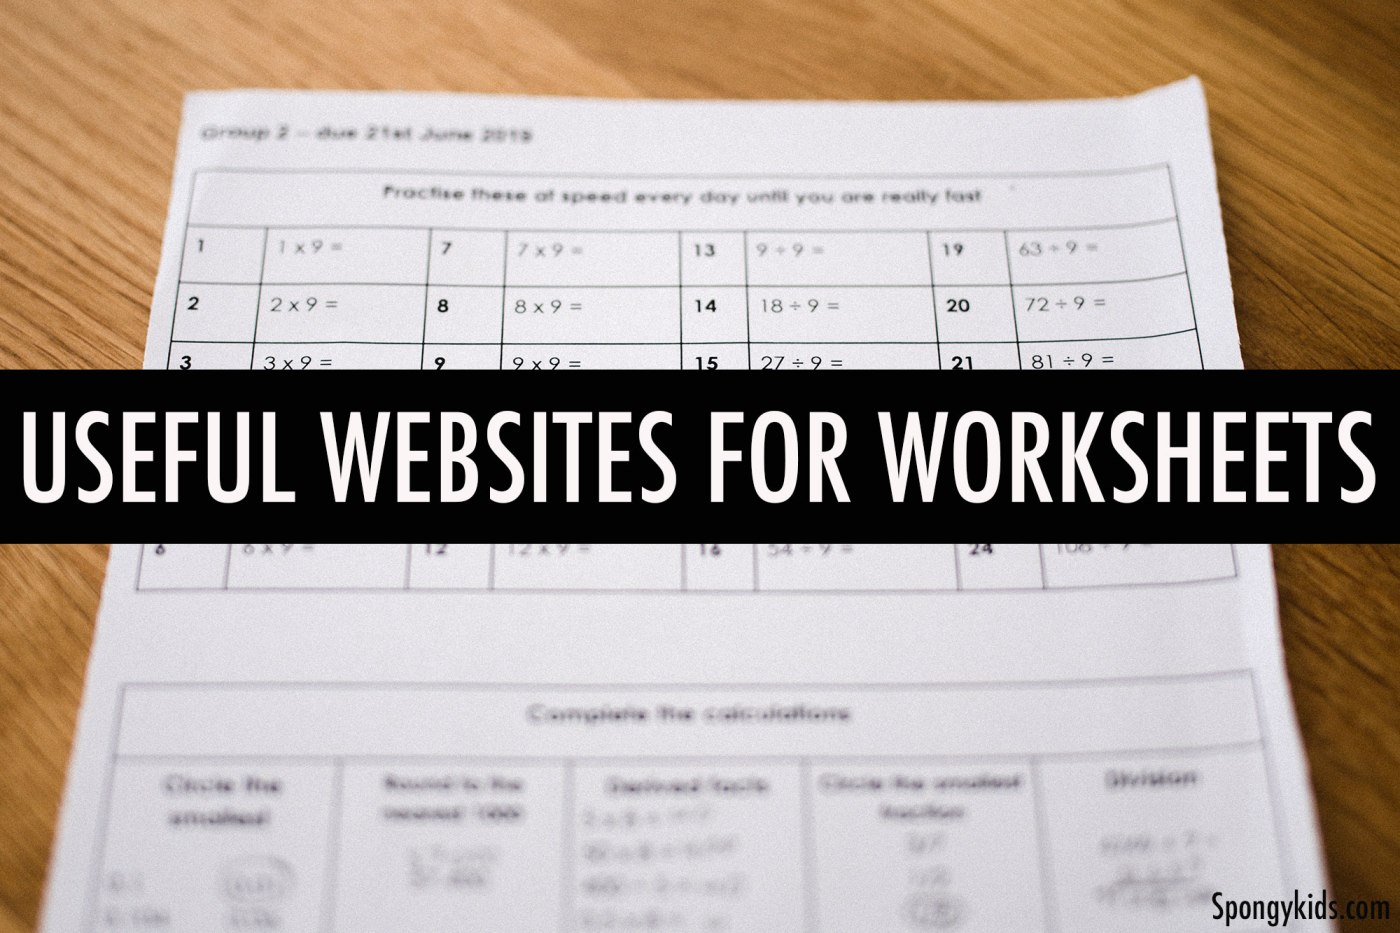 Useful Websites for Worksheets